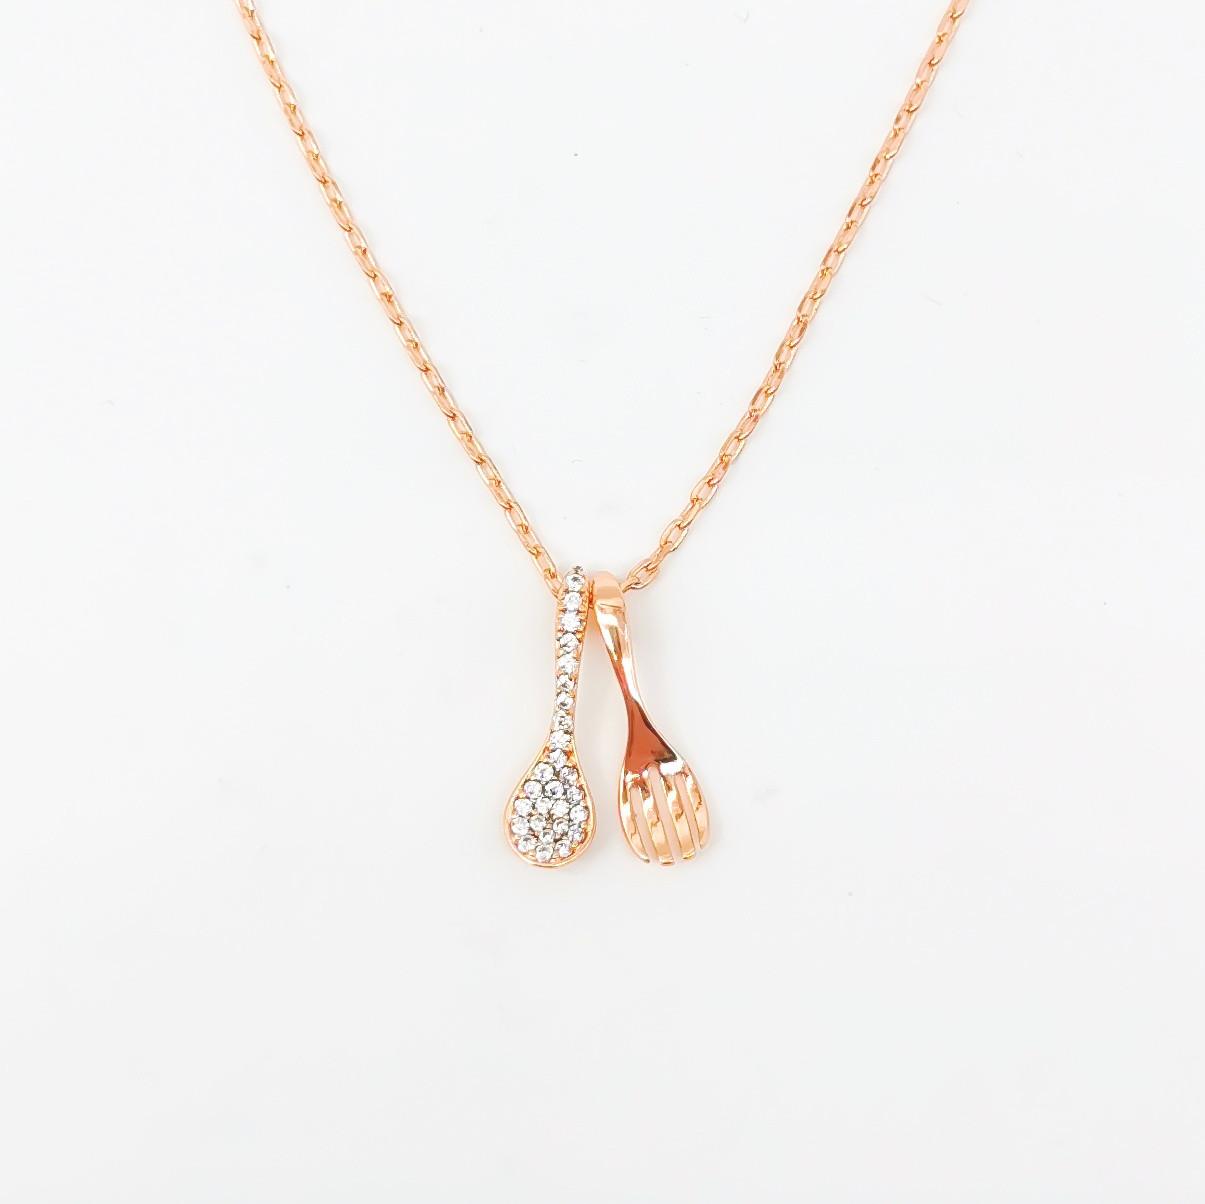 Подвеска Xuping из медицинского золота на цепочке, белые фианиты, позолота 18K, 42478       (1)